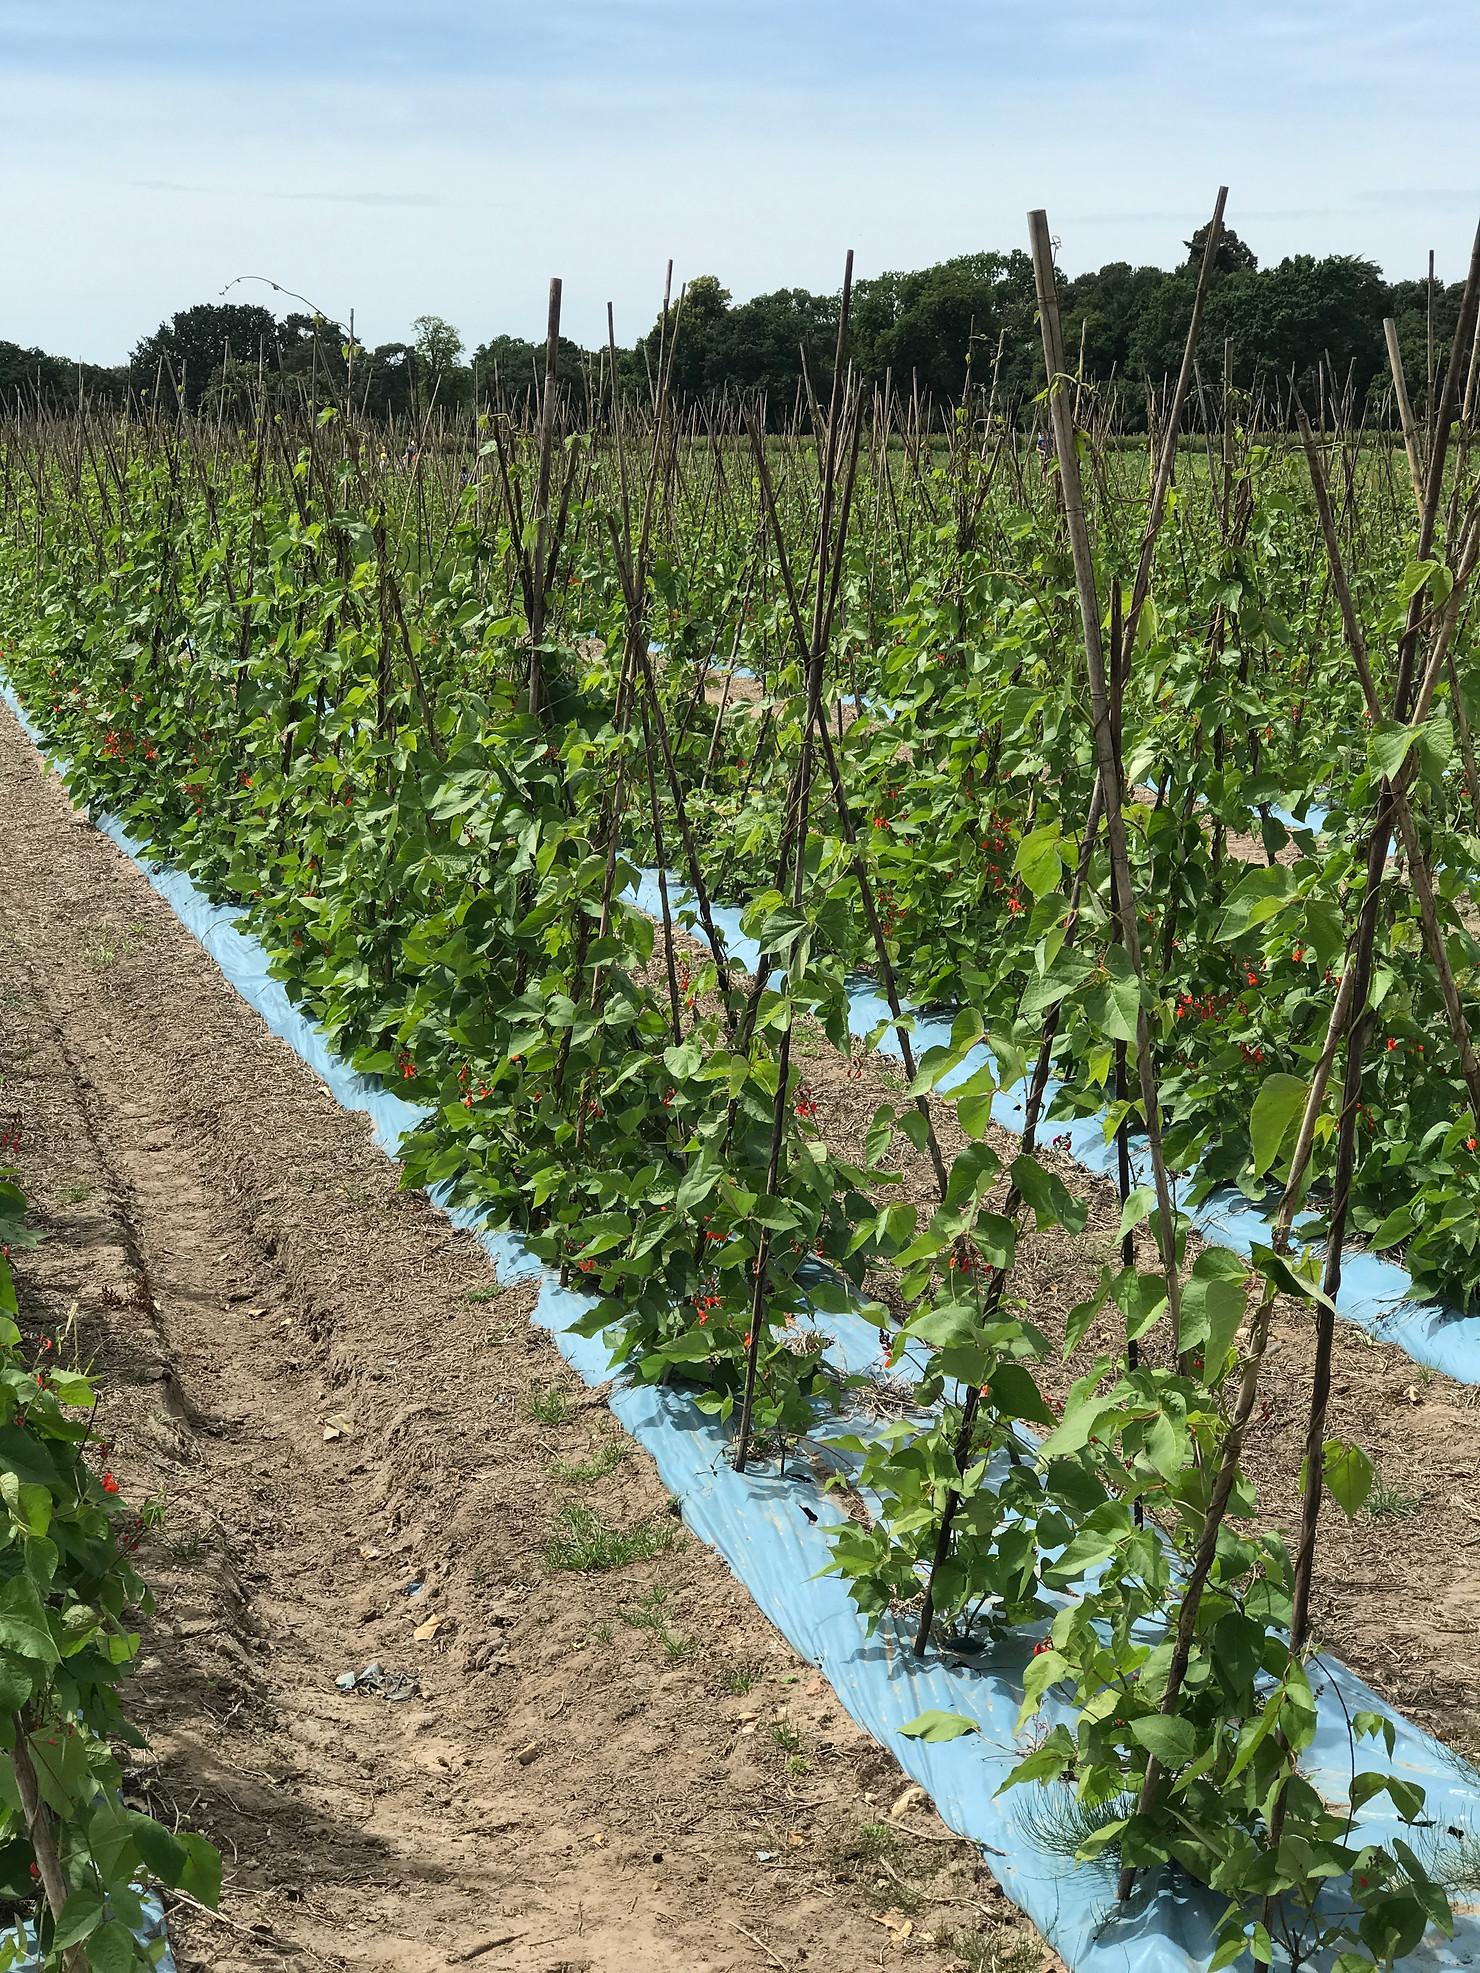 Runner Beans at Grays Farm in Wokingham